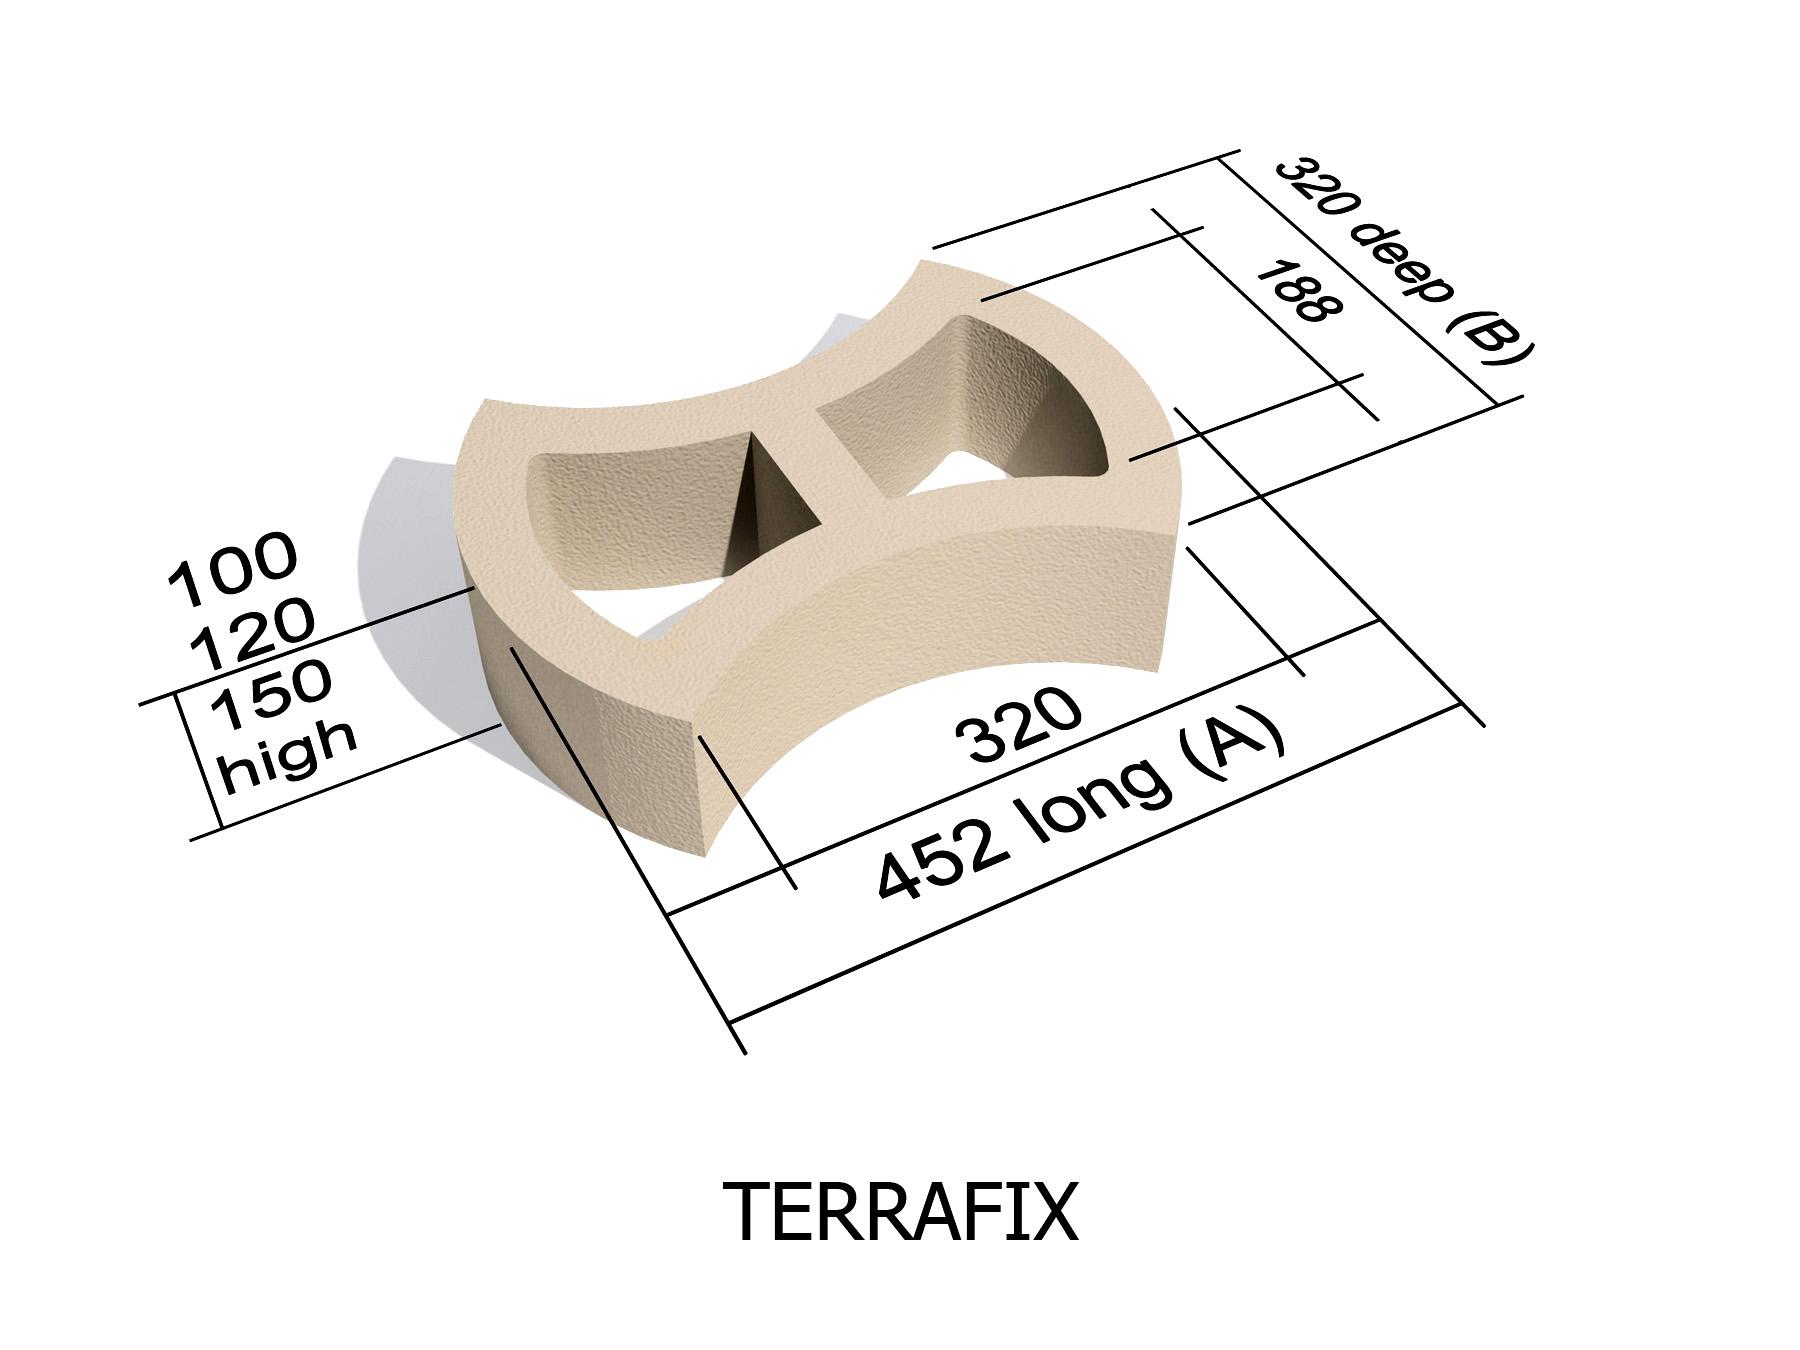 Terrafix erosion control retaining block